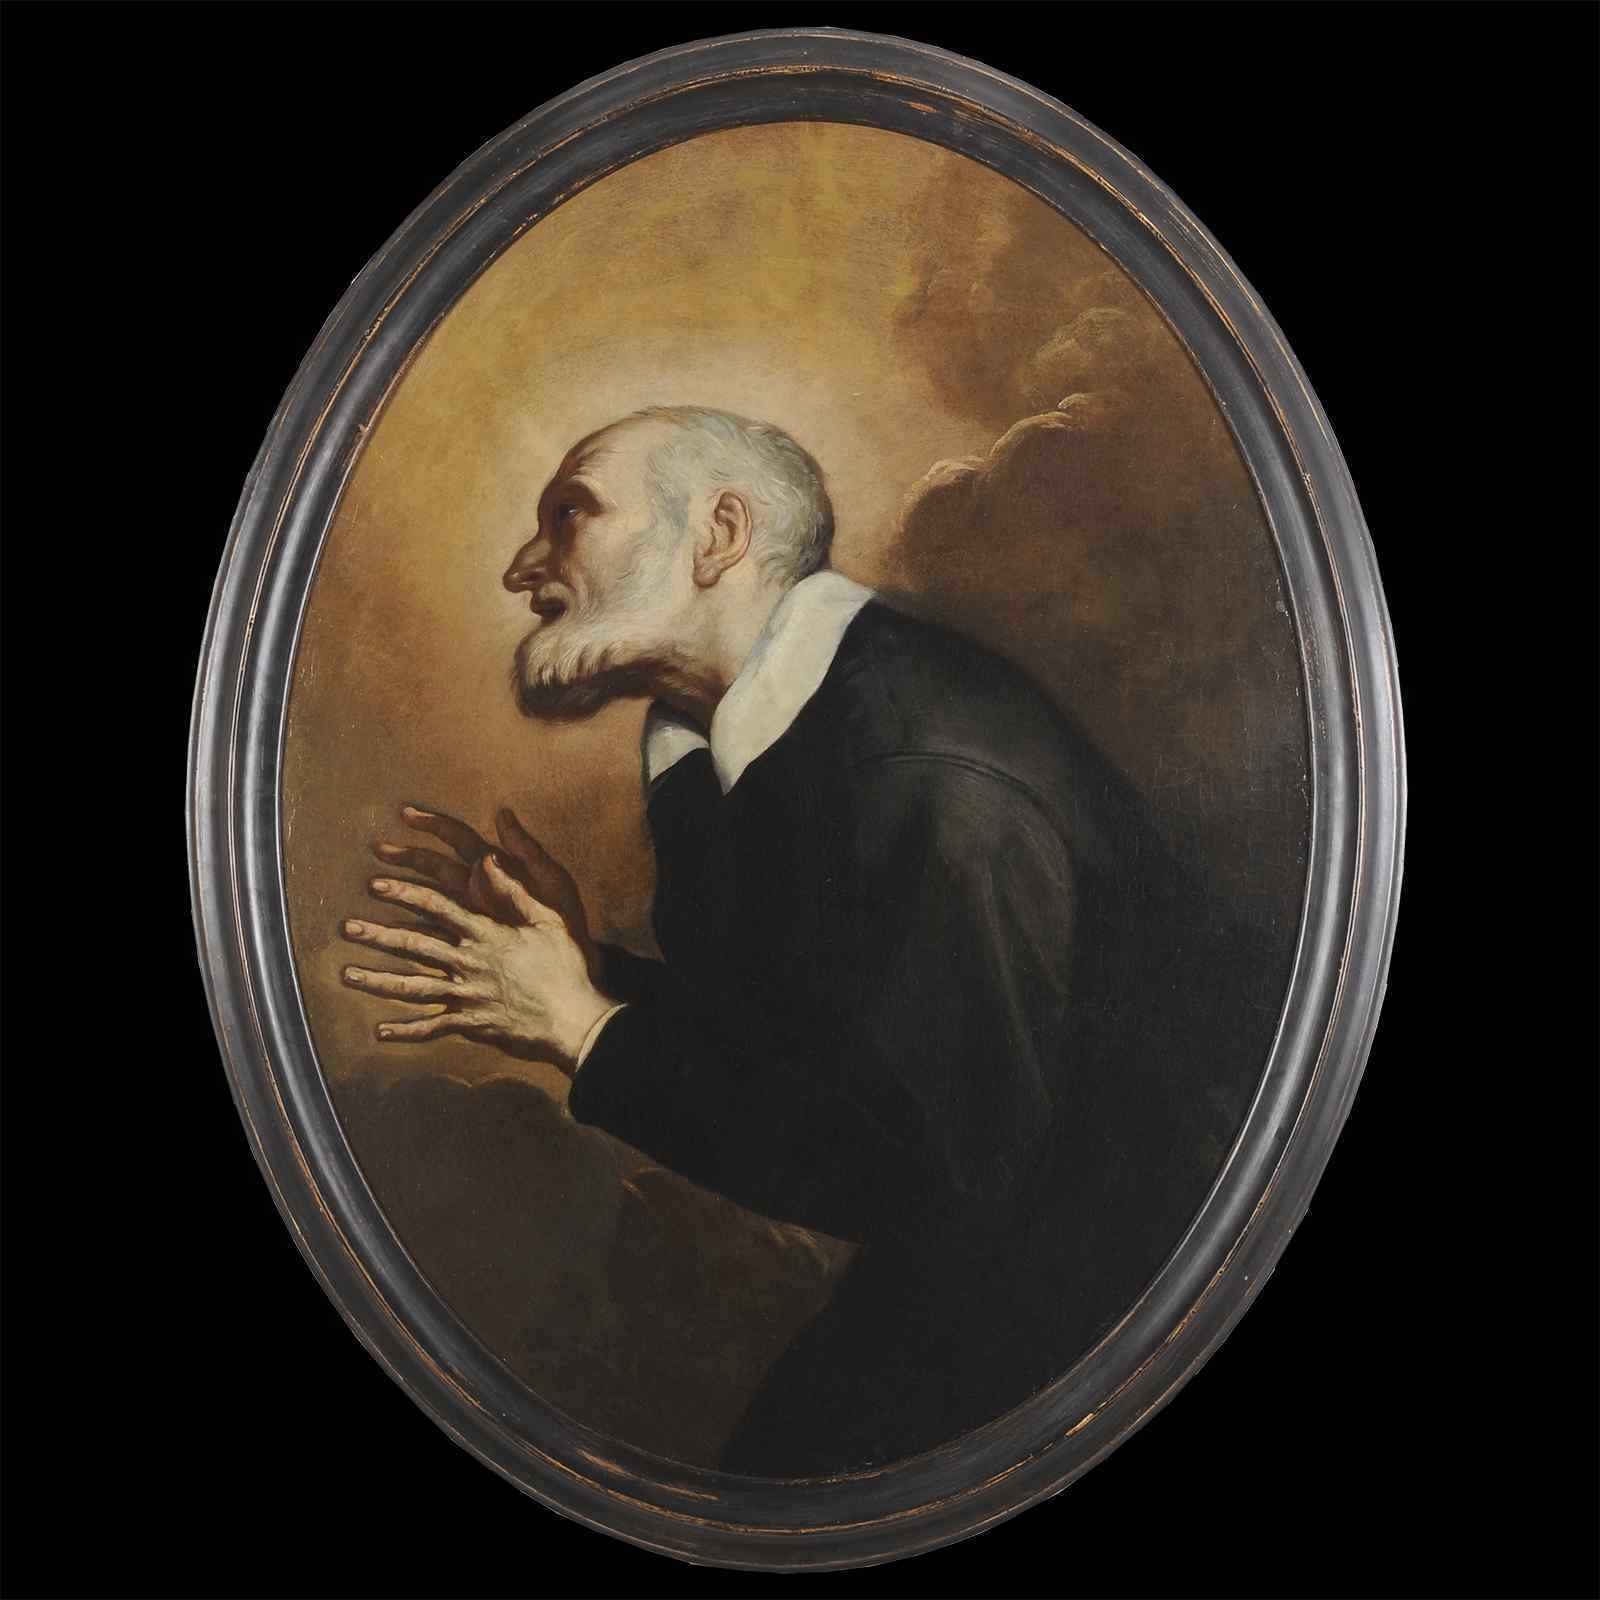 Portrait de Saint Vincent de Paul - Ecole française XVIIIe